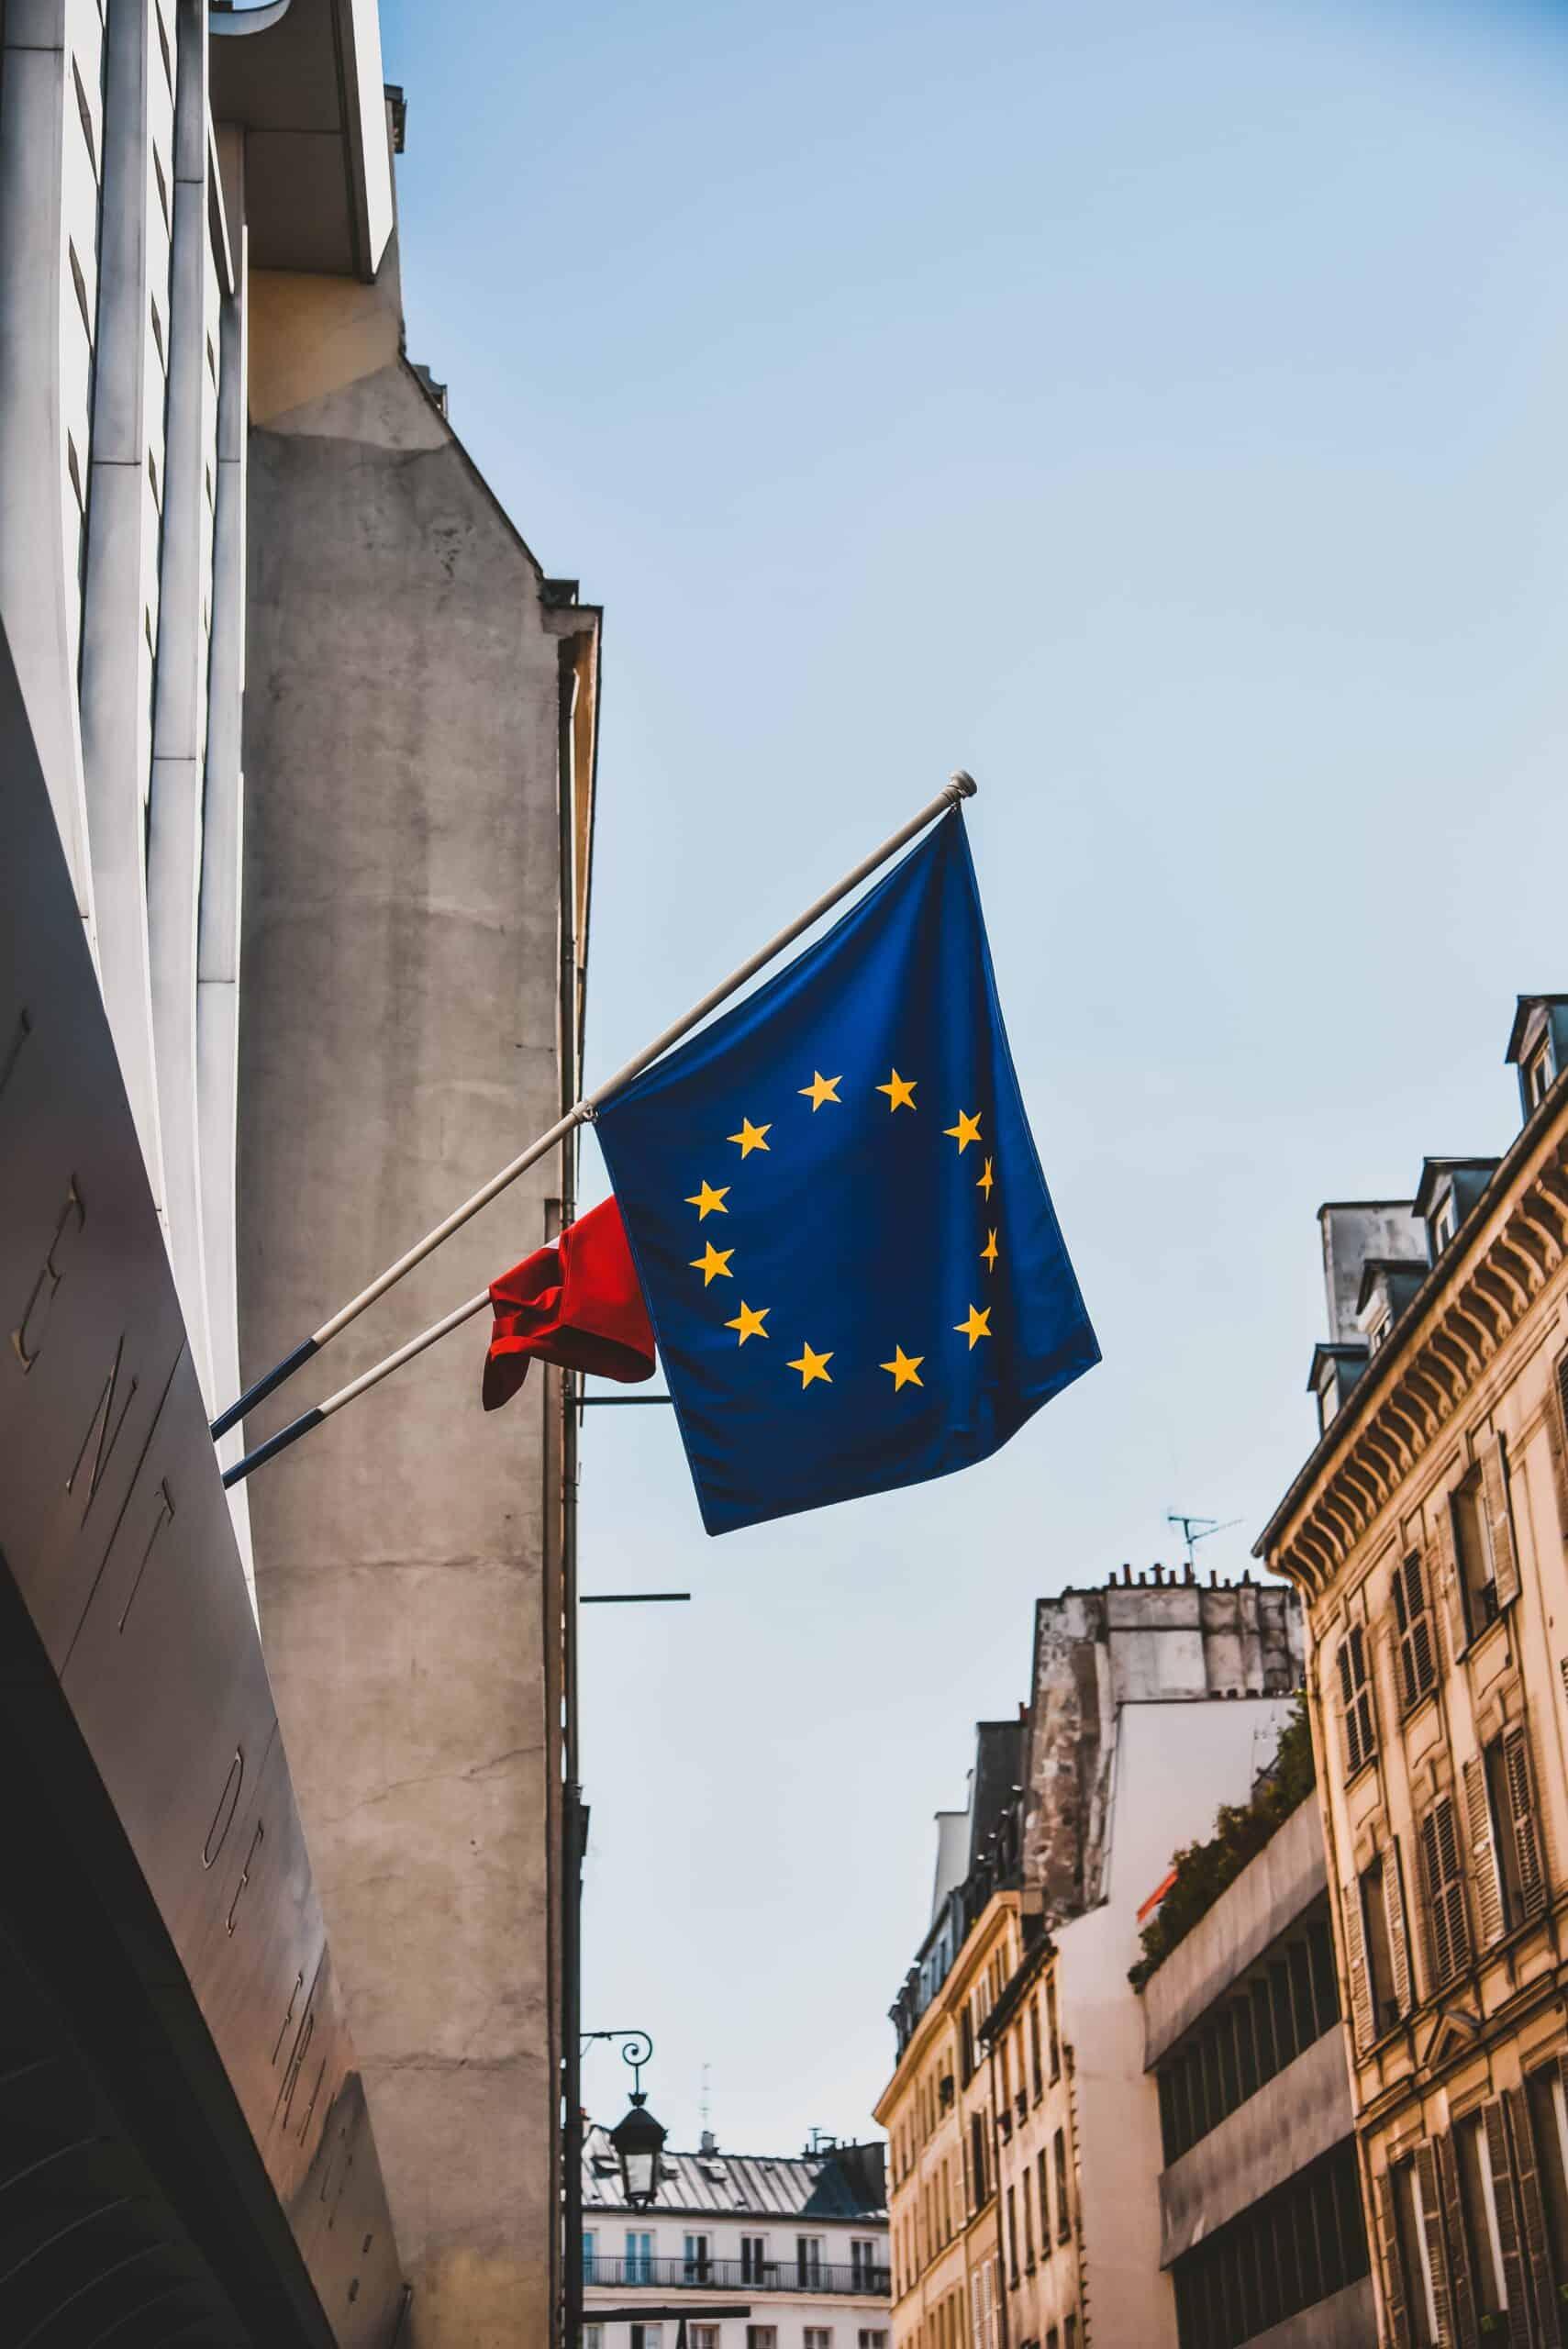 flaga unii eropejskiej